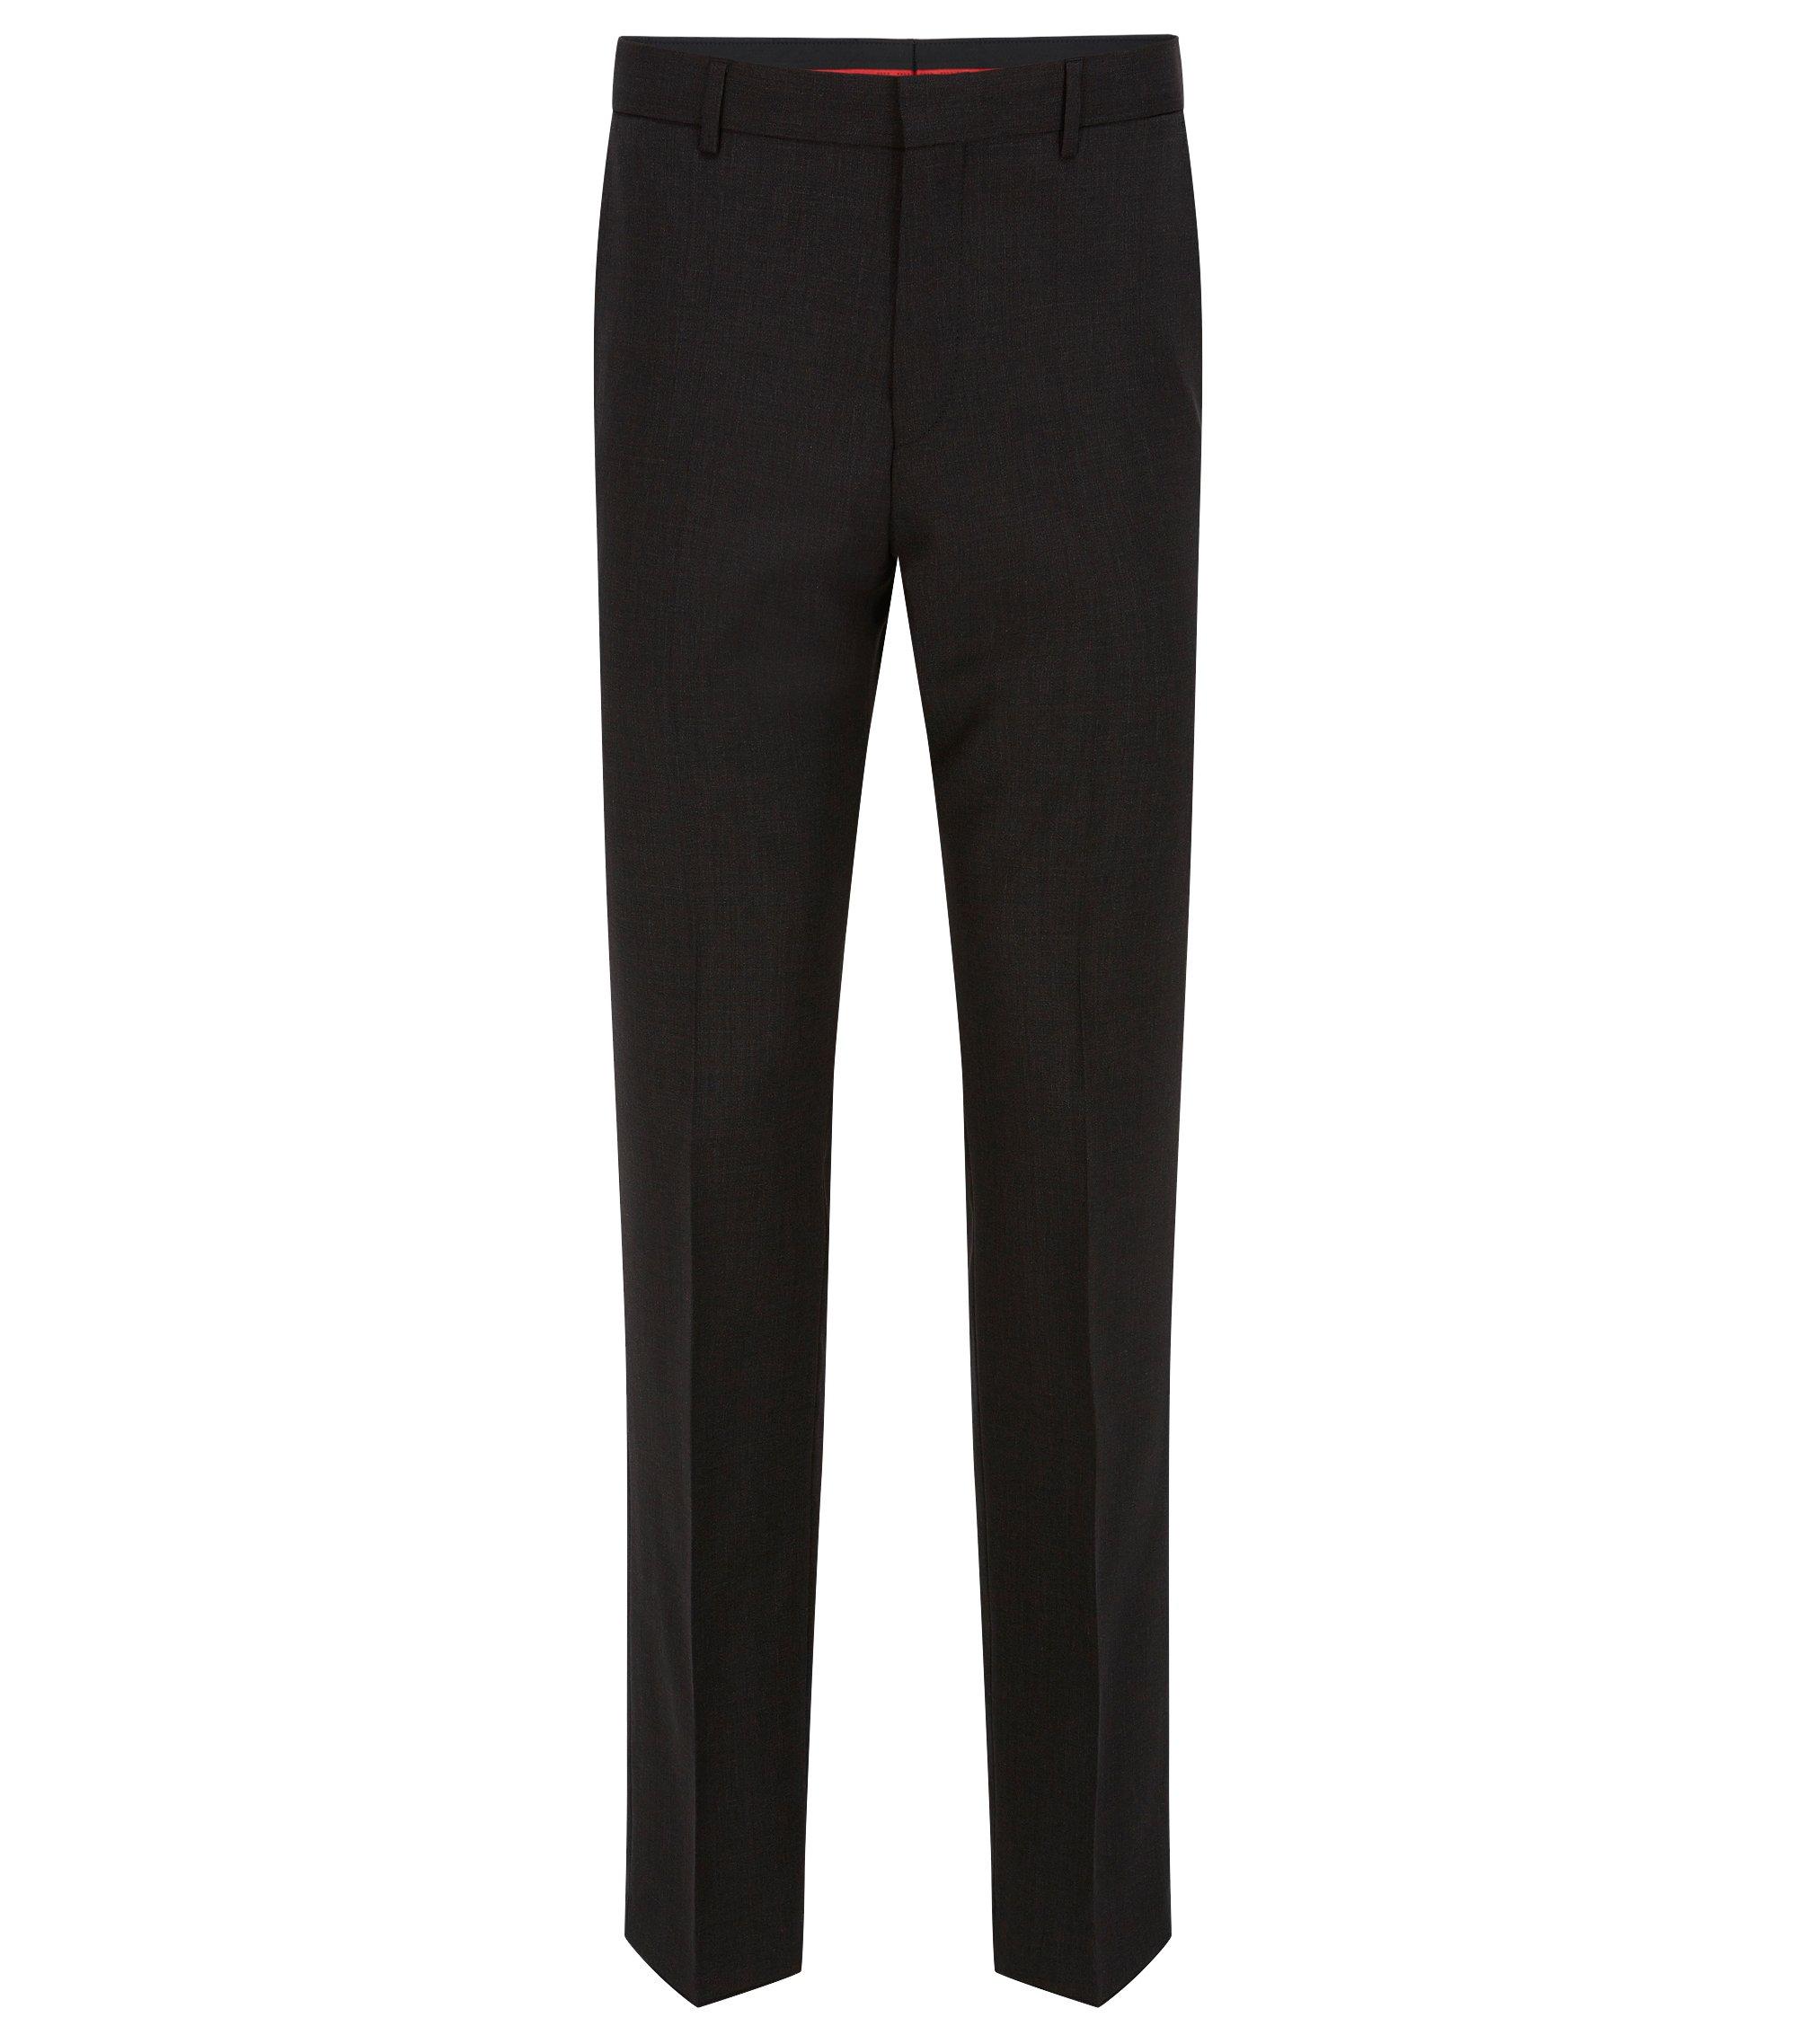 Pantalon à jambes Slim, en laine vierge stretch, Gris sombre